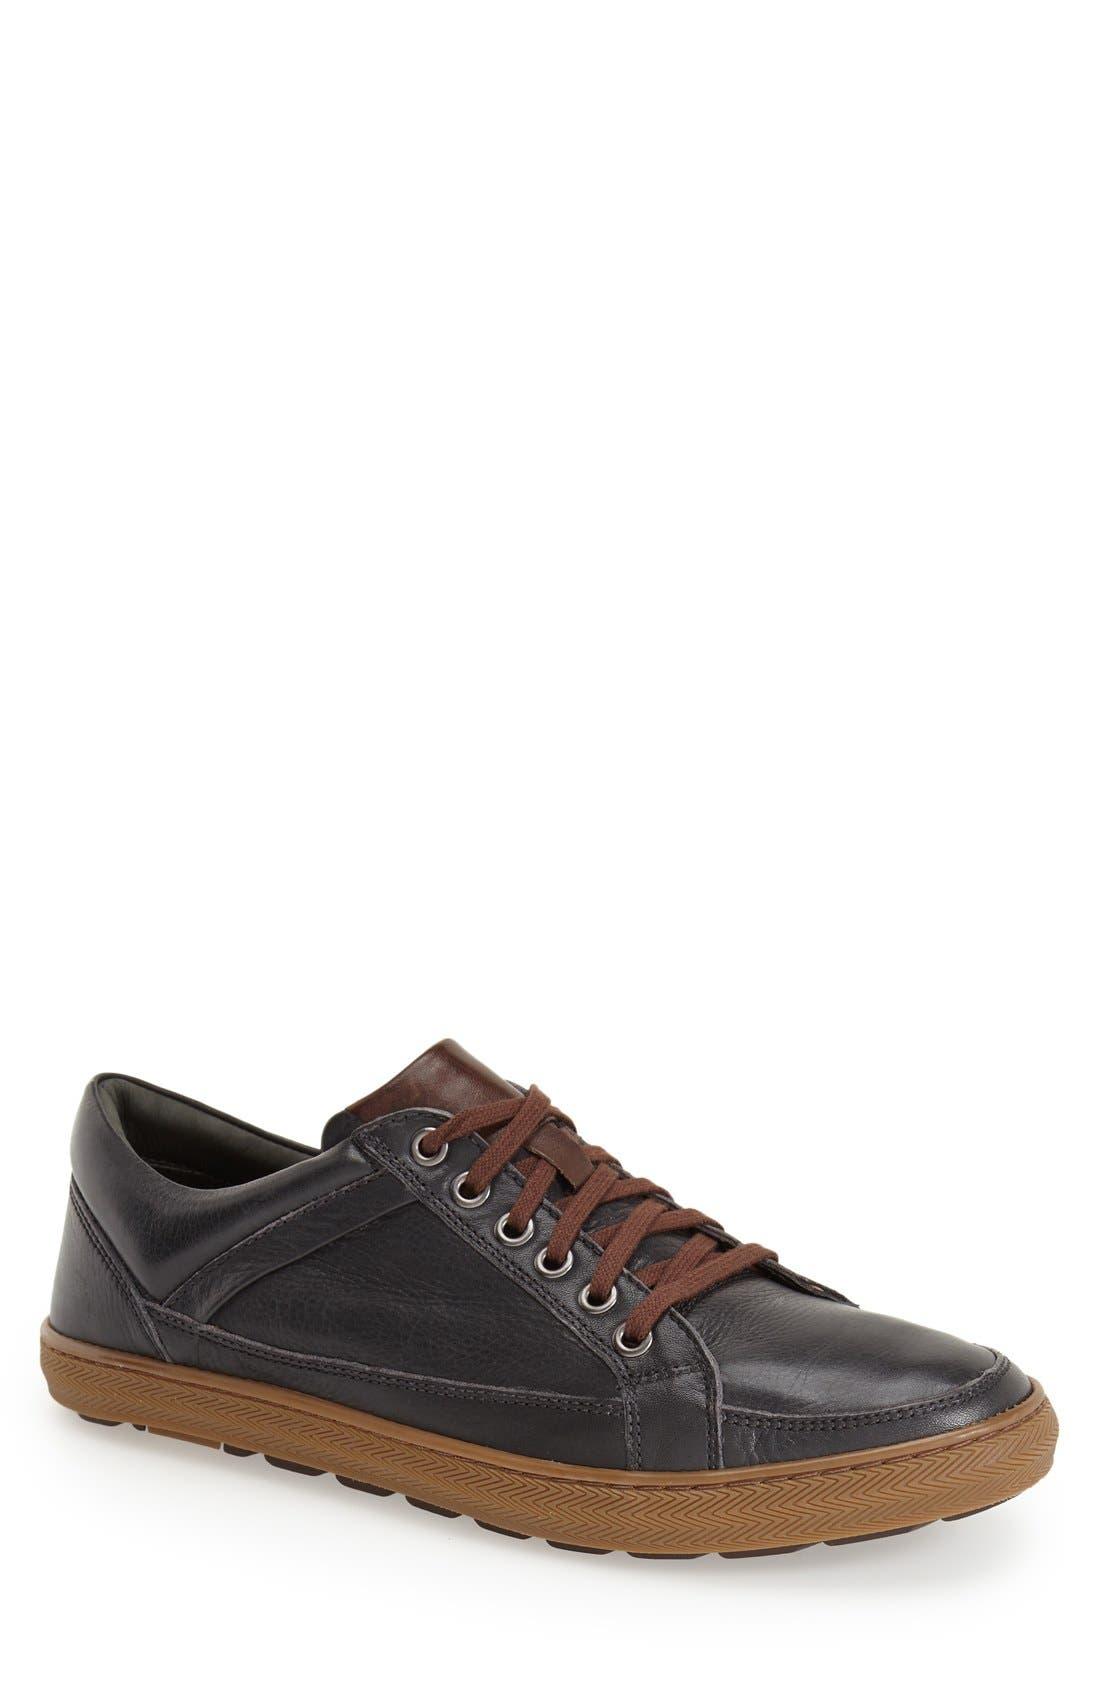 ANATOMIC & CO Serra Sneaker